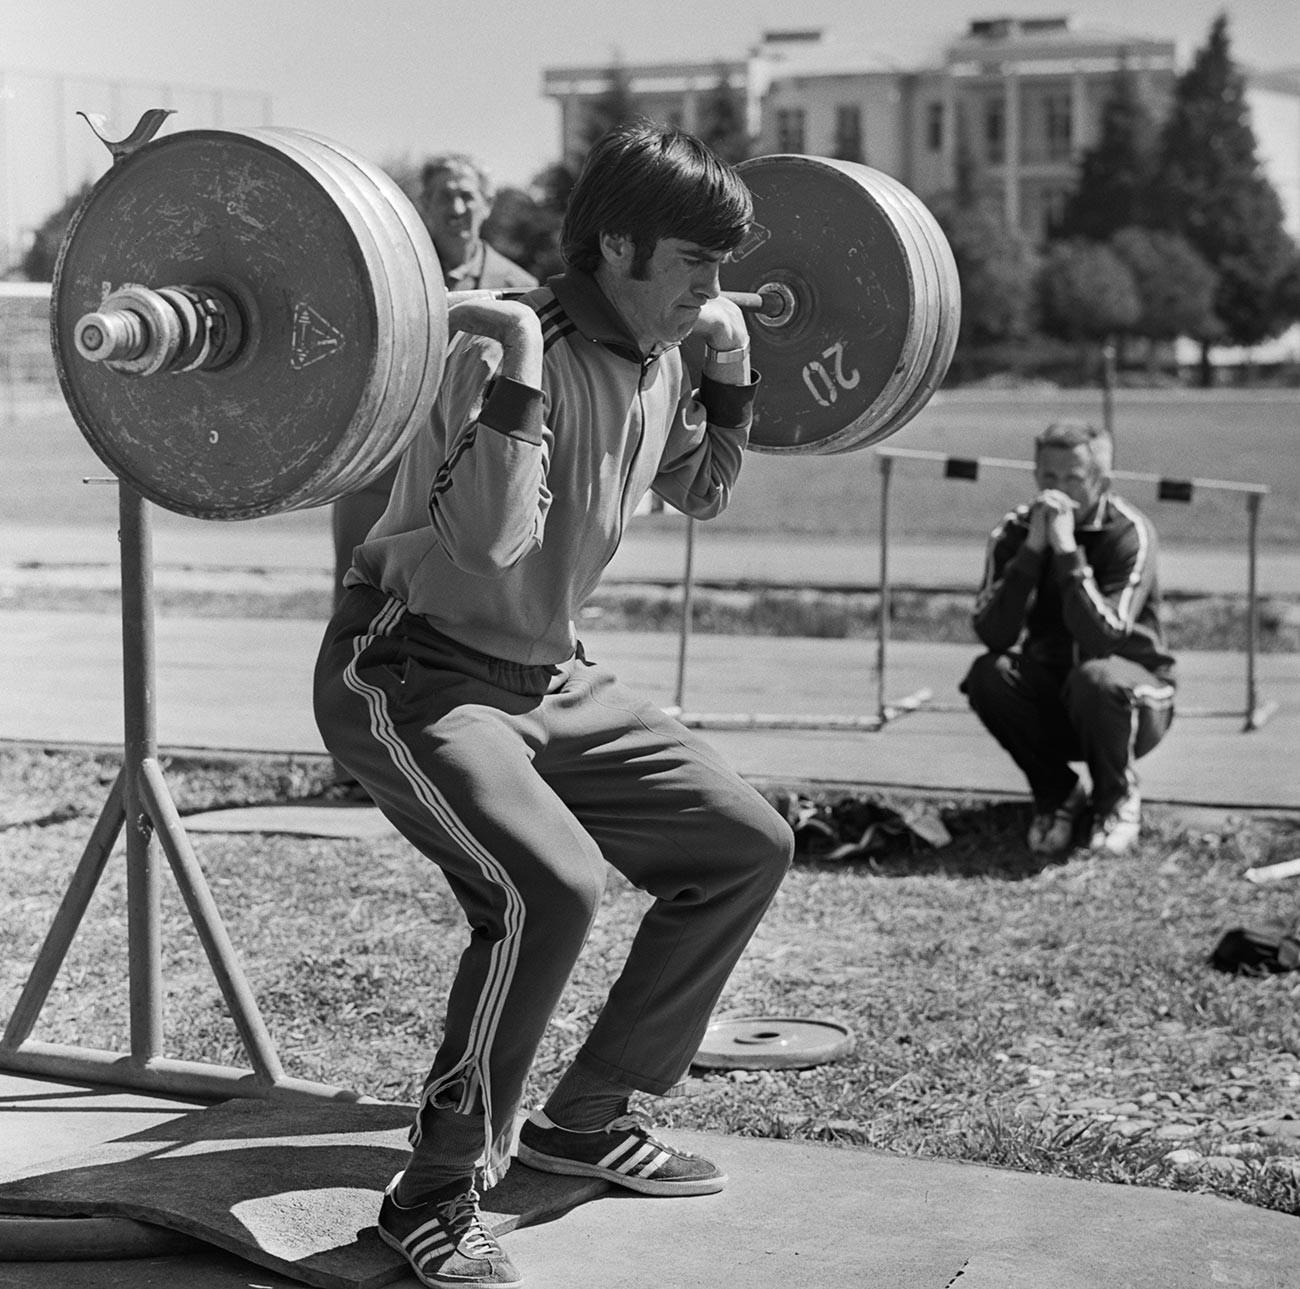 ソ連の陸上競技選手ヴィクトル・サネイエフ